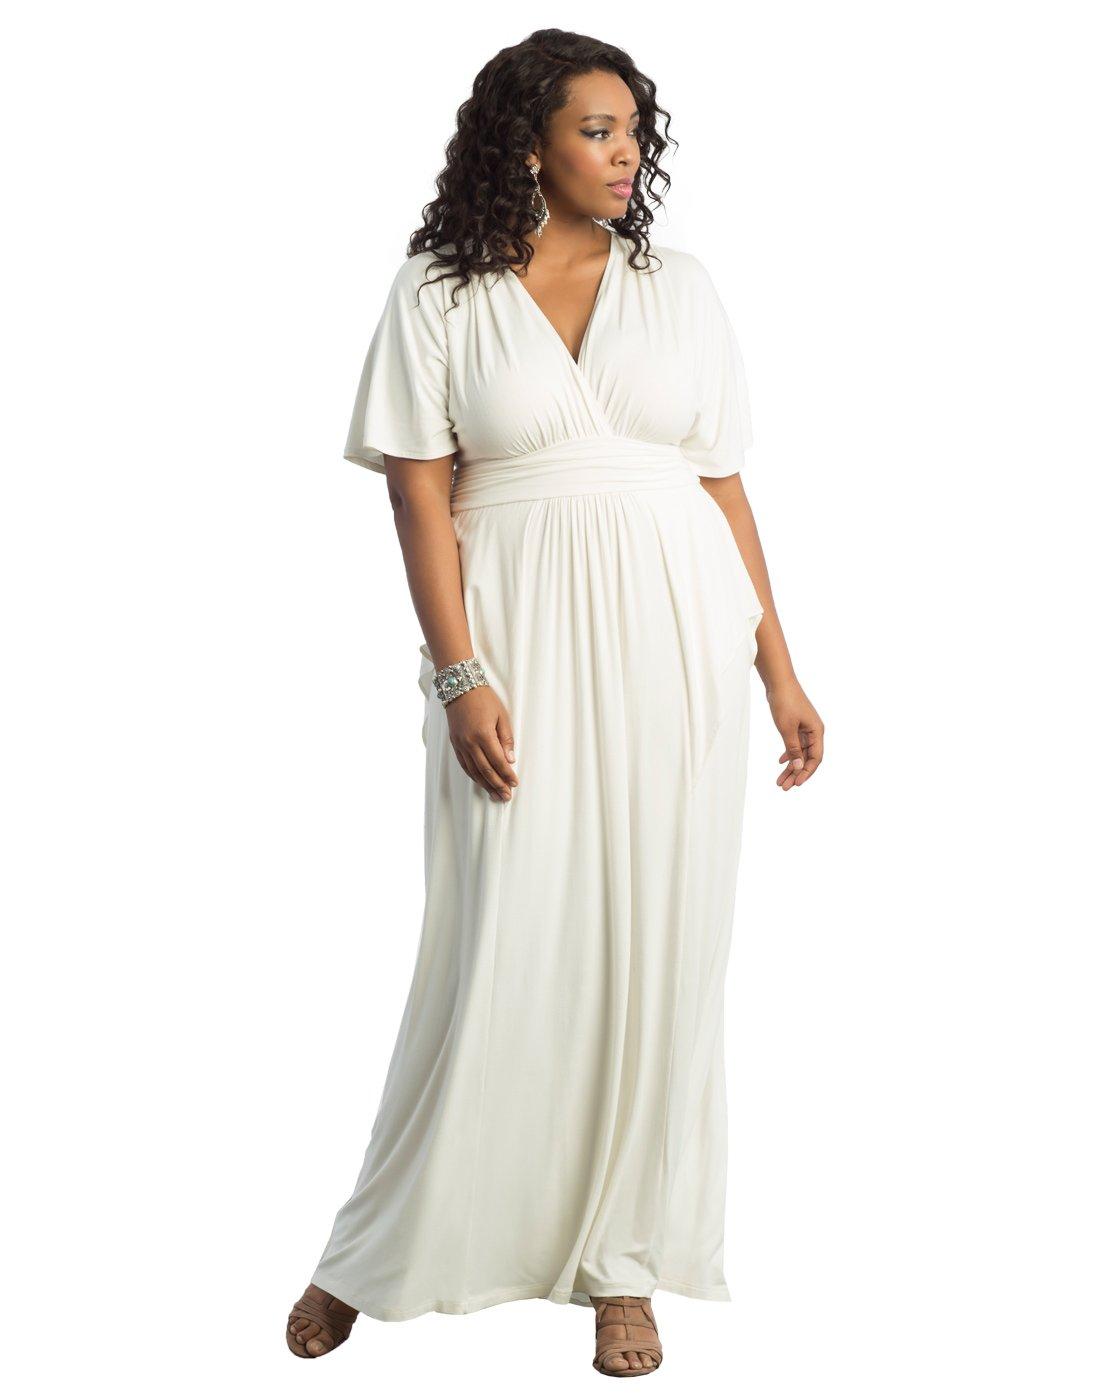 Kiyonna Women's Plus Size Indie Flair Maxi Dress 2X White Jasmine